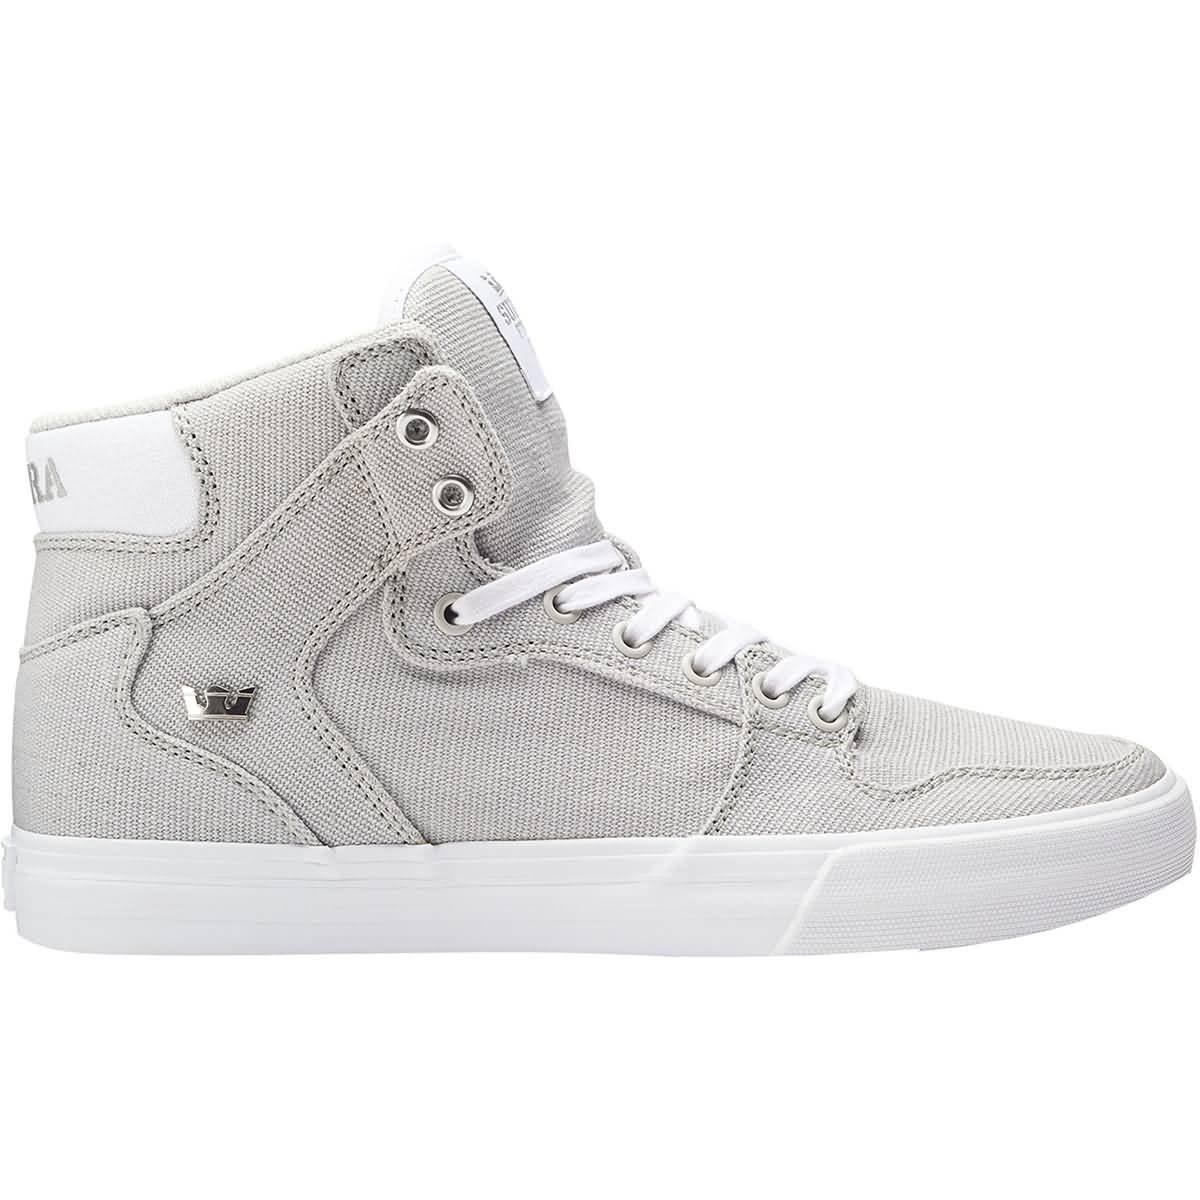 Supra Vaider Skate Shoe B07FX76J9Y 12 M US|Cool Grey/Silver-white